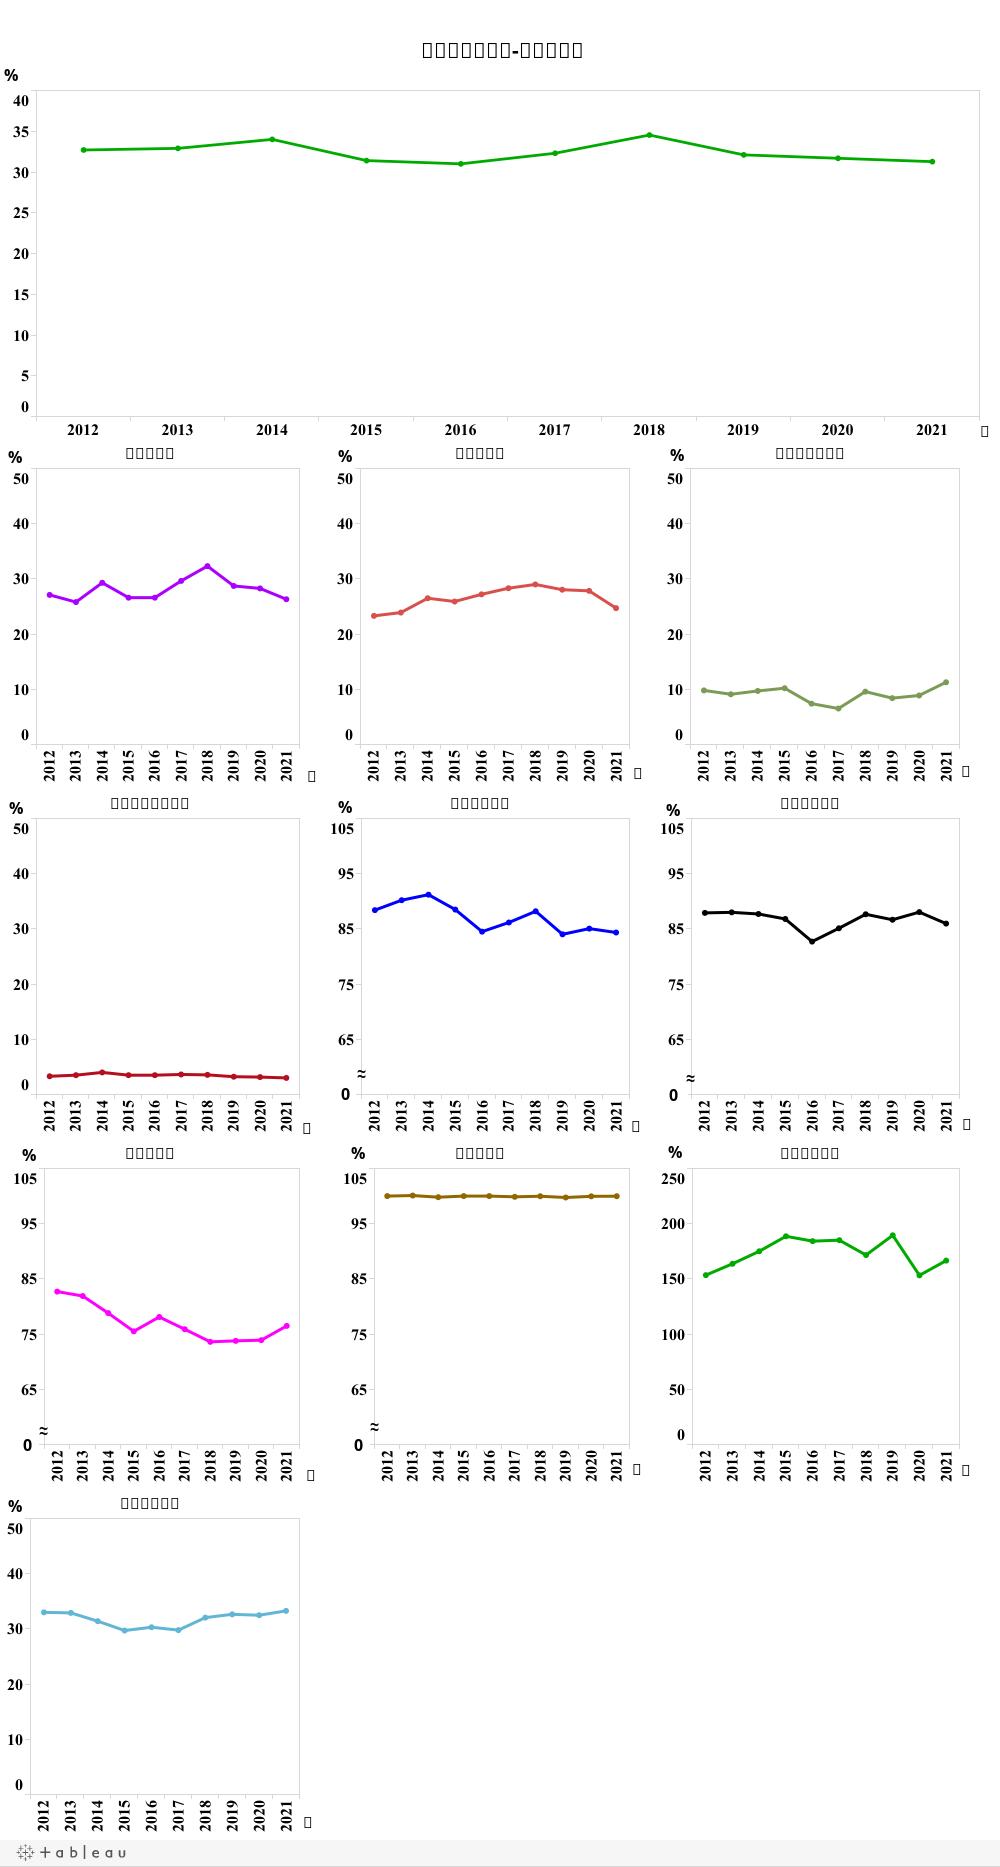 DASH綜合糧食自給率-以熱量計算